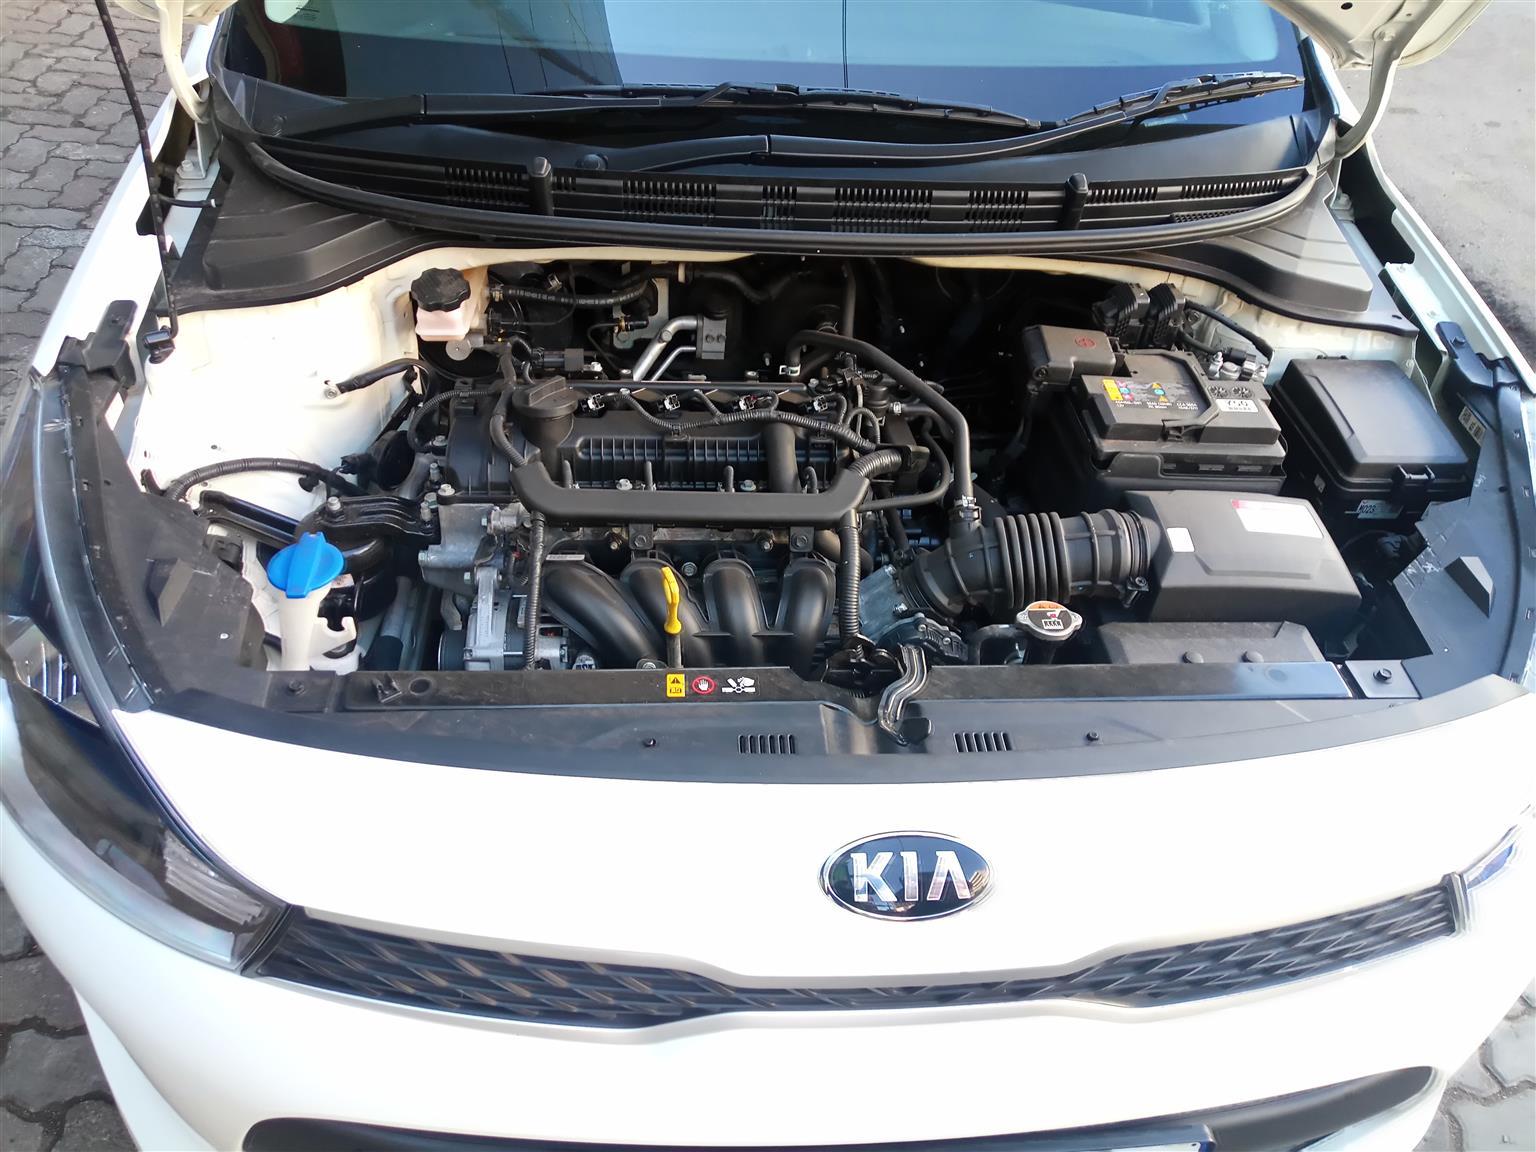 2018 Kia Rio hatch 1.2